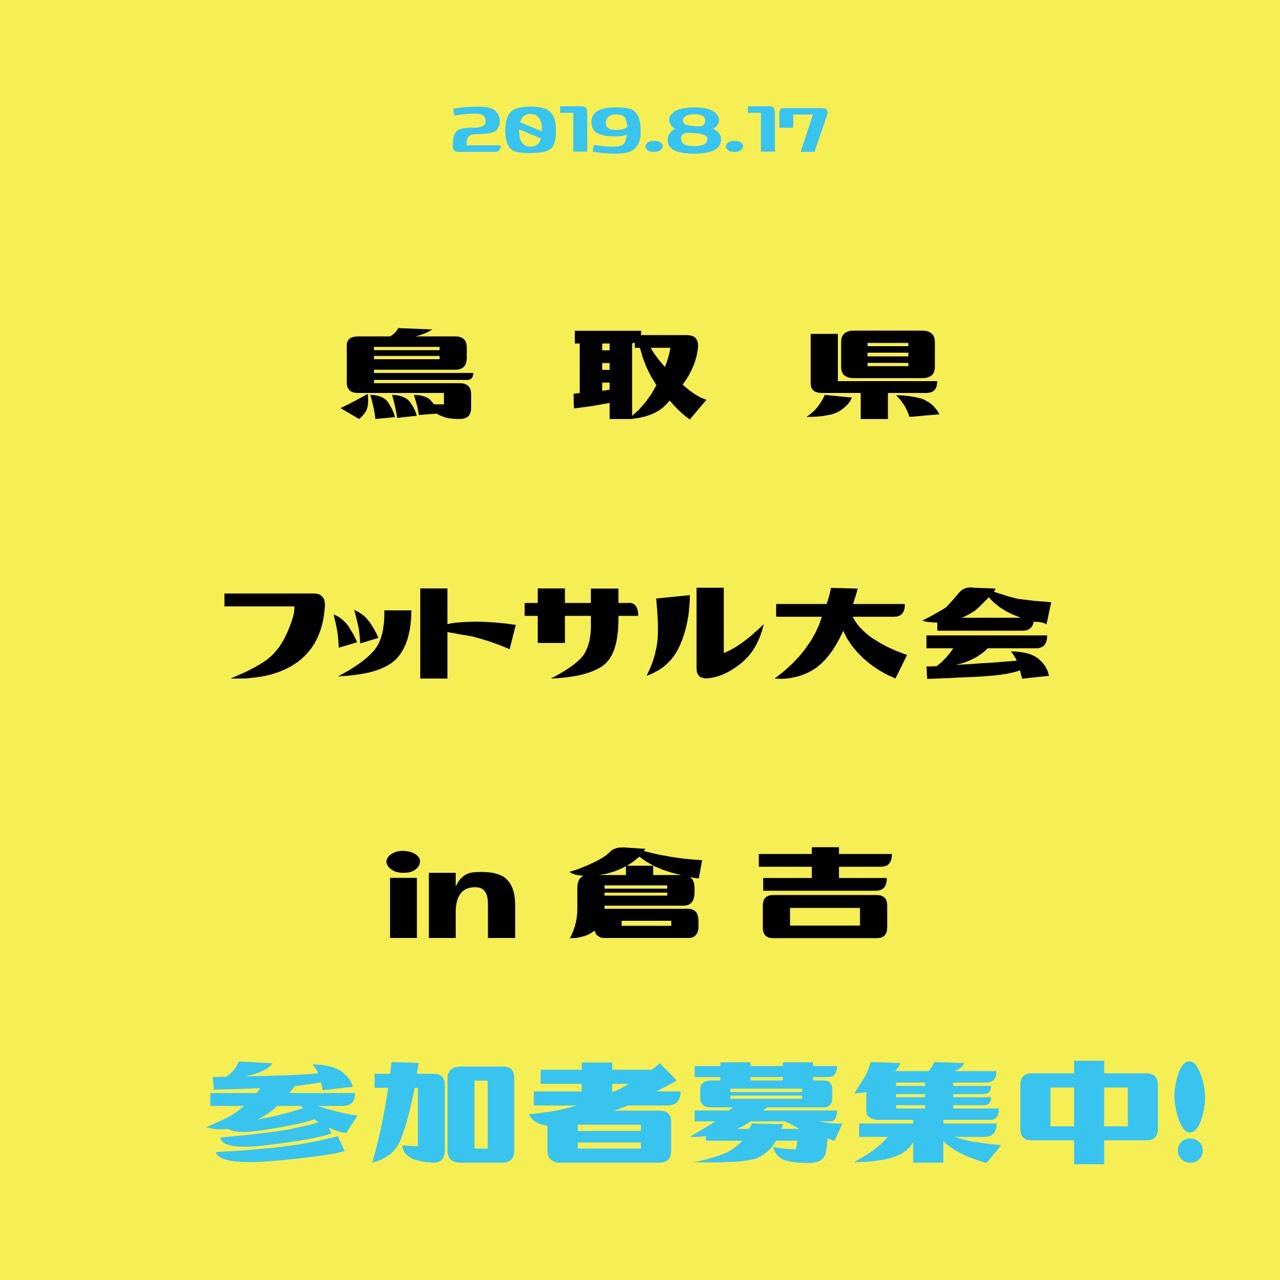 15:00~18:00[倉吉] ラビサル✕ゆるサルコラボ企画『本当に鳥取一レベルの低い個サル大会』